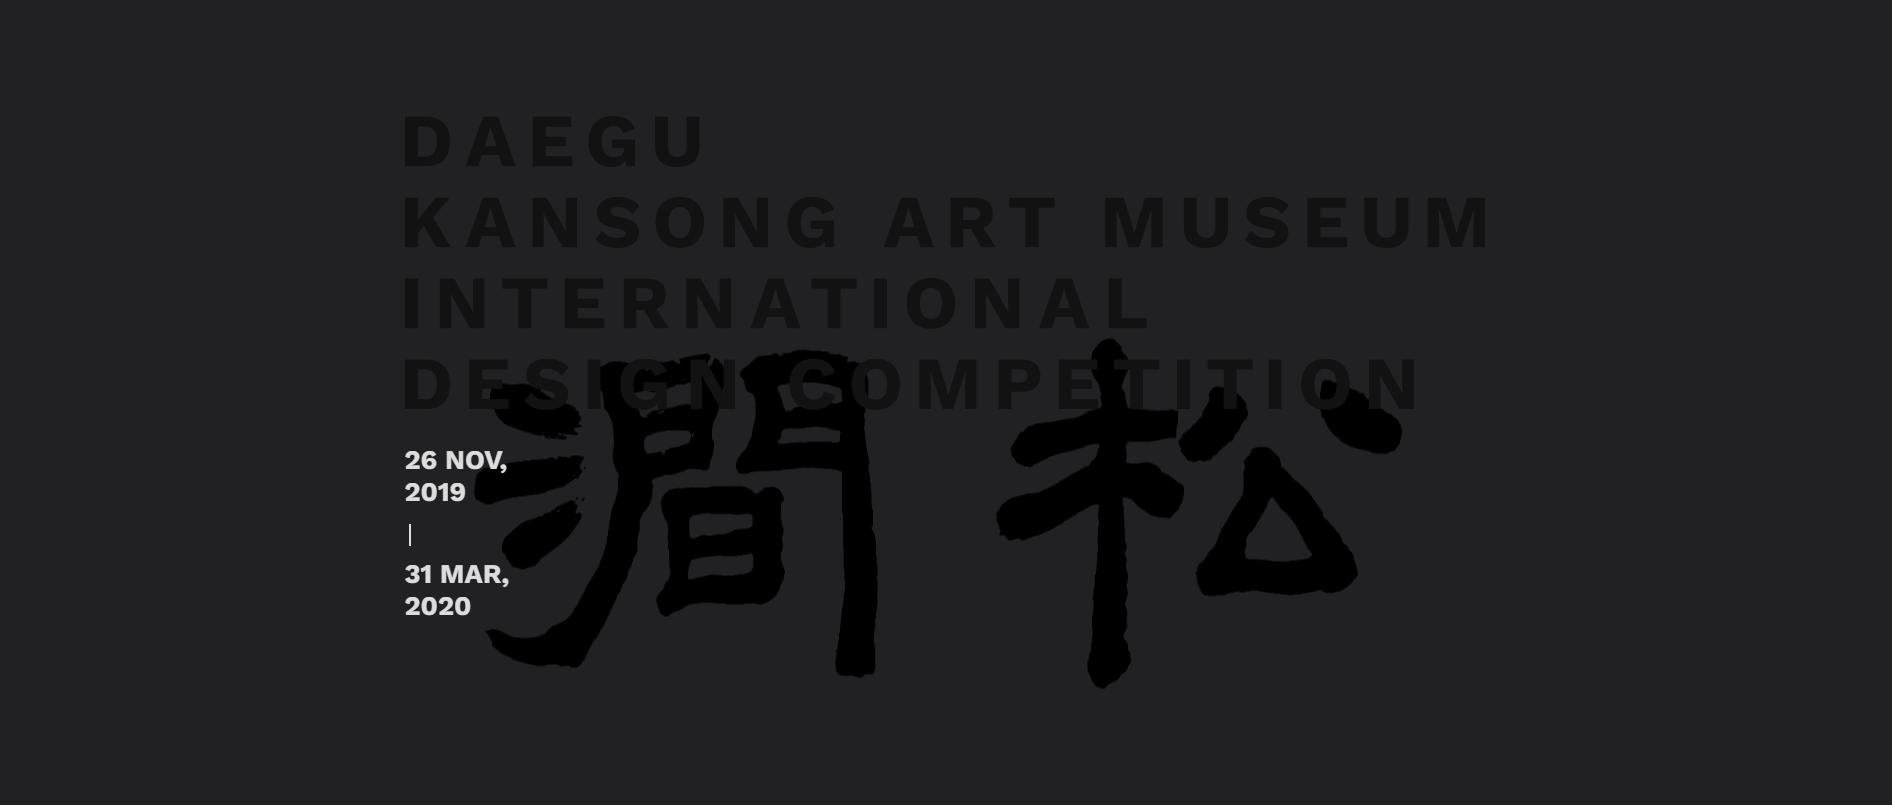 大邱涧松美术馆国际设计竞赛